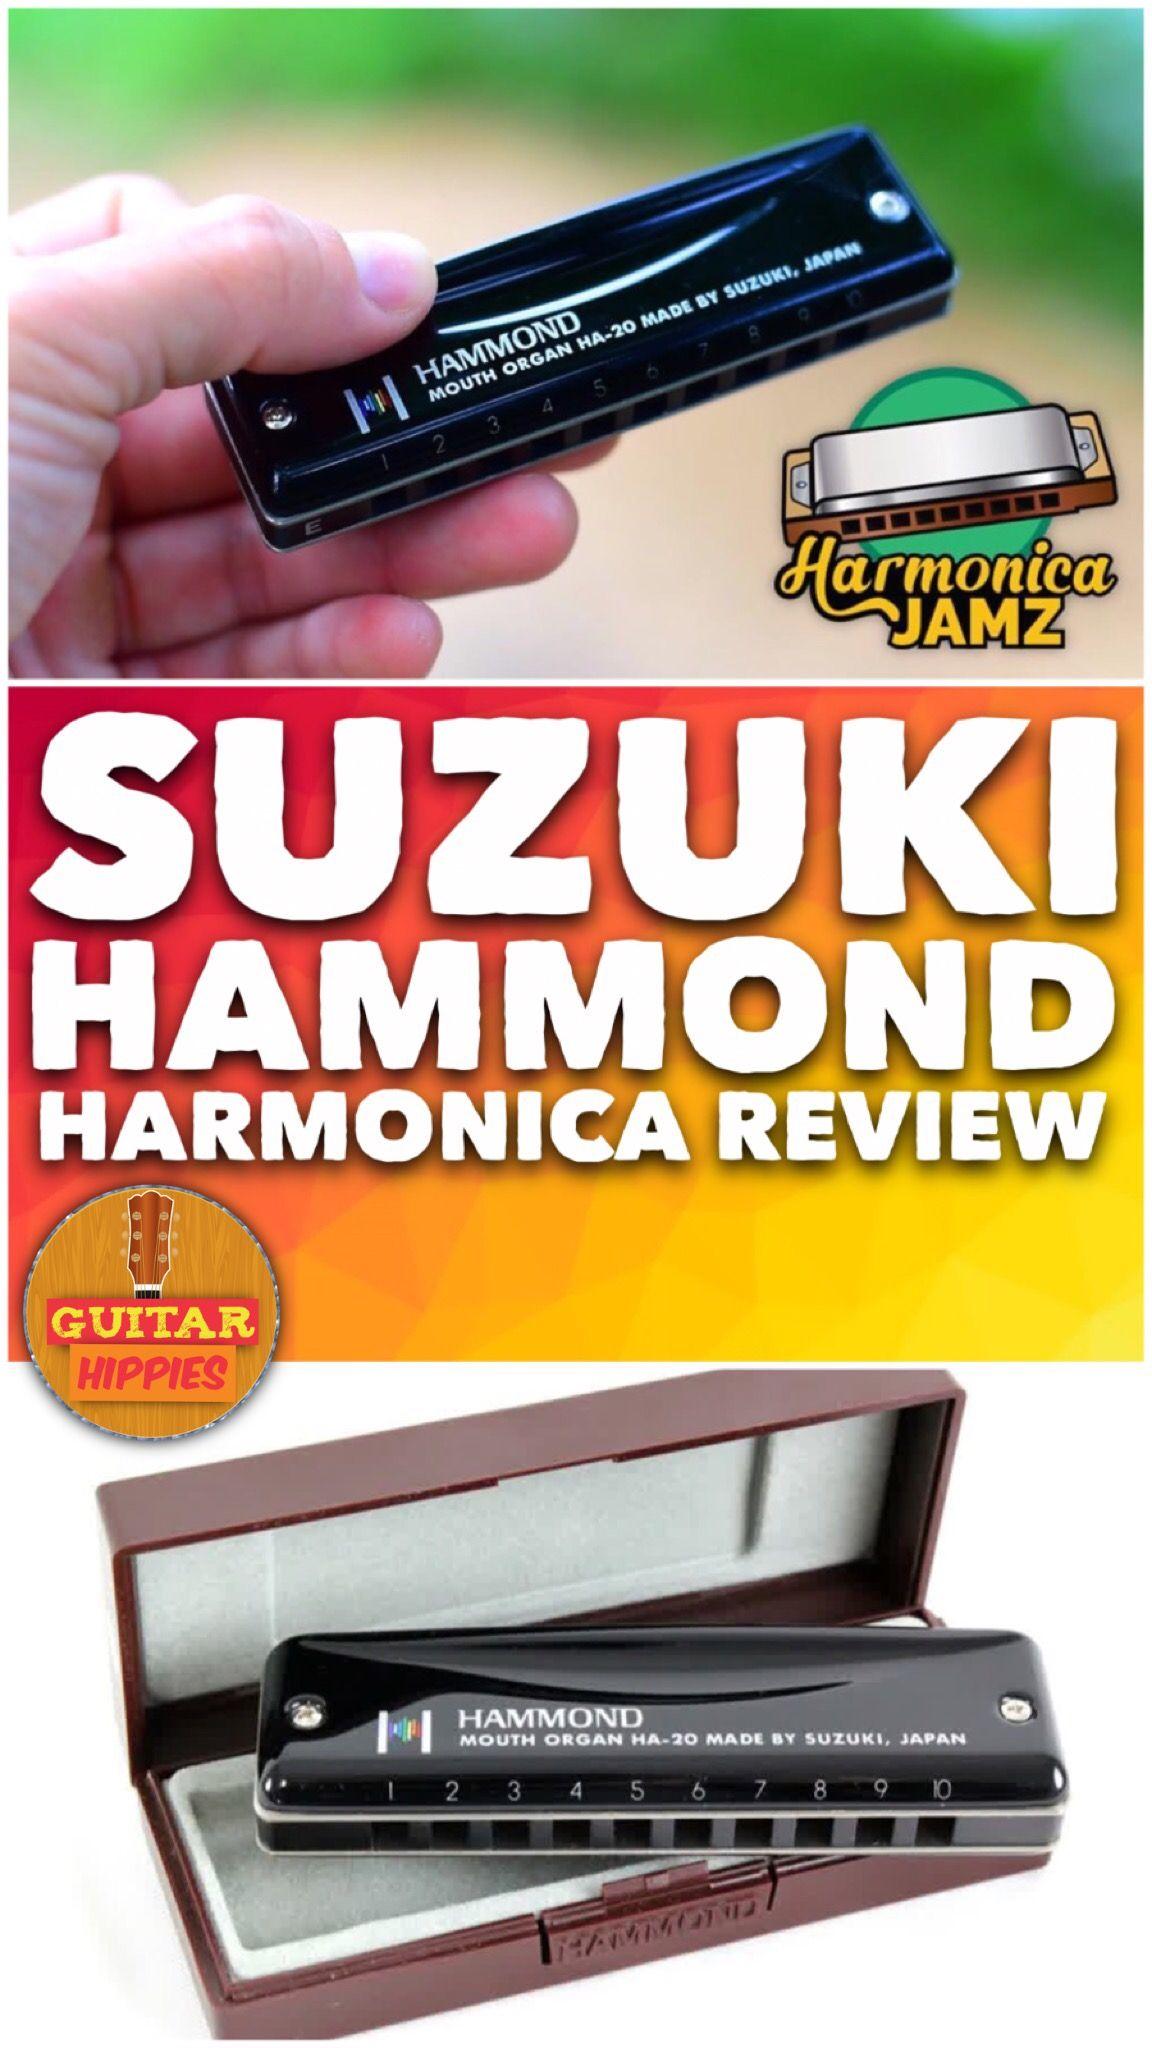 Suzuki Hammond Harmonica Review